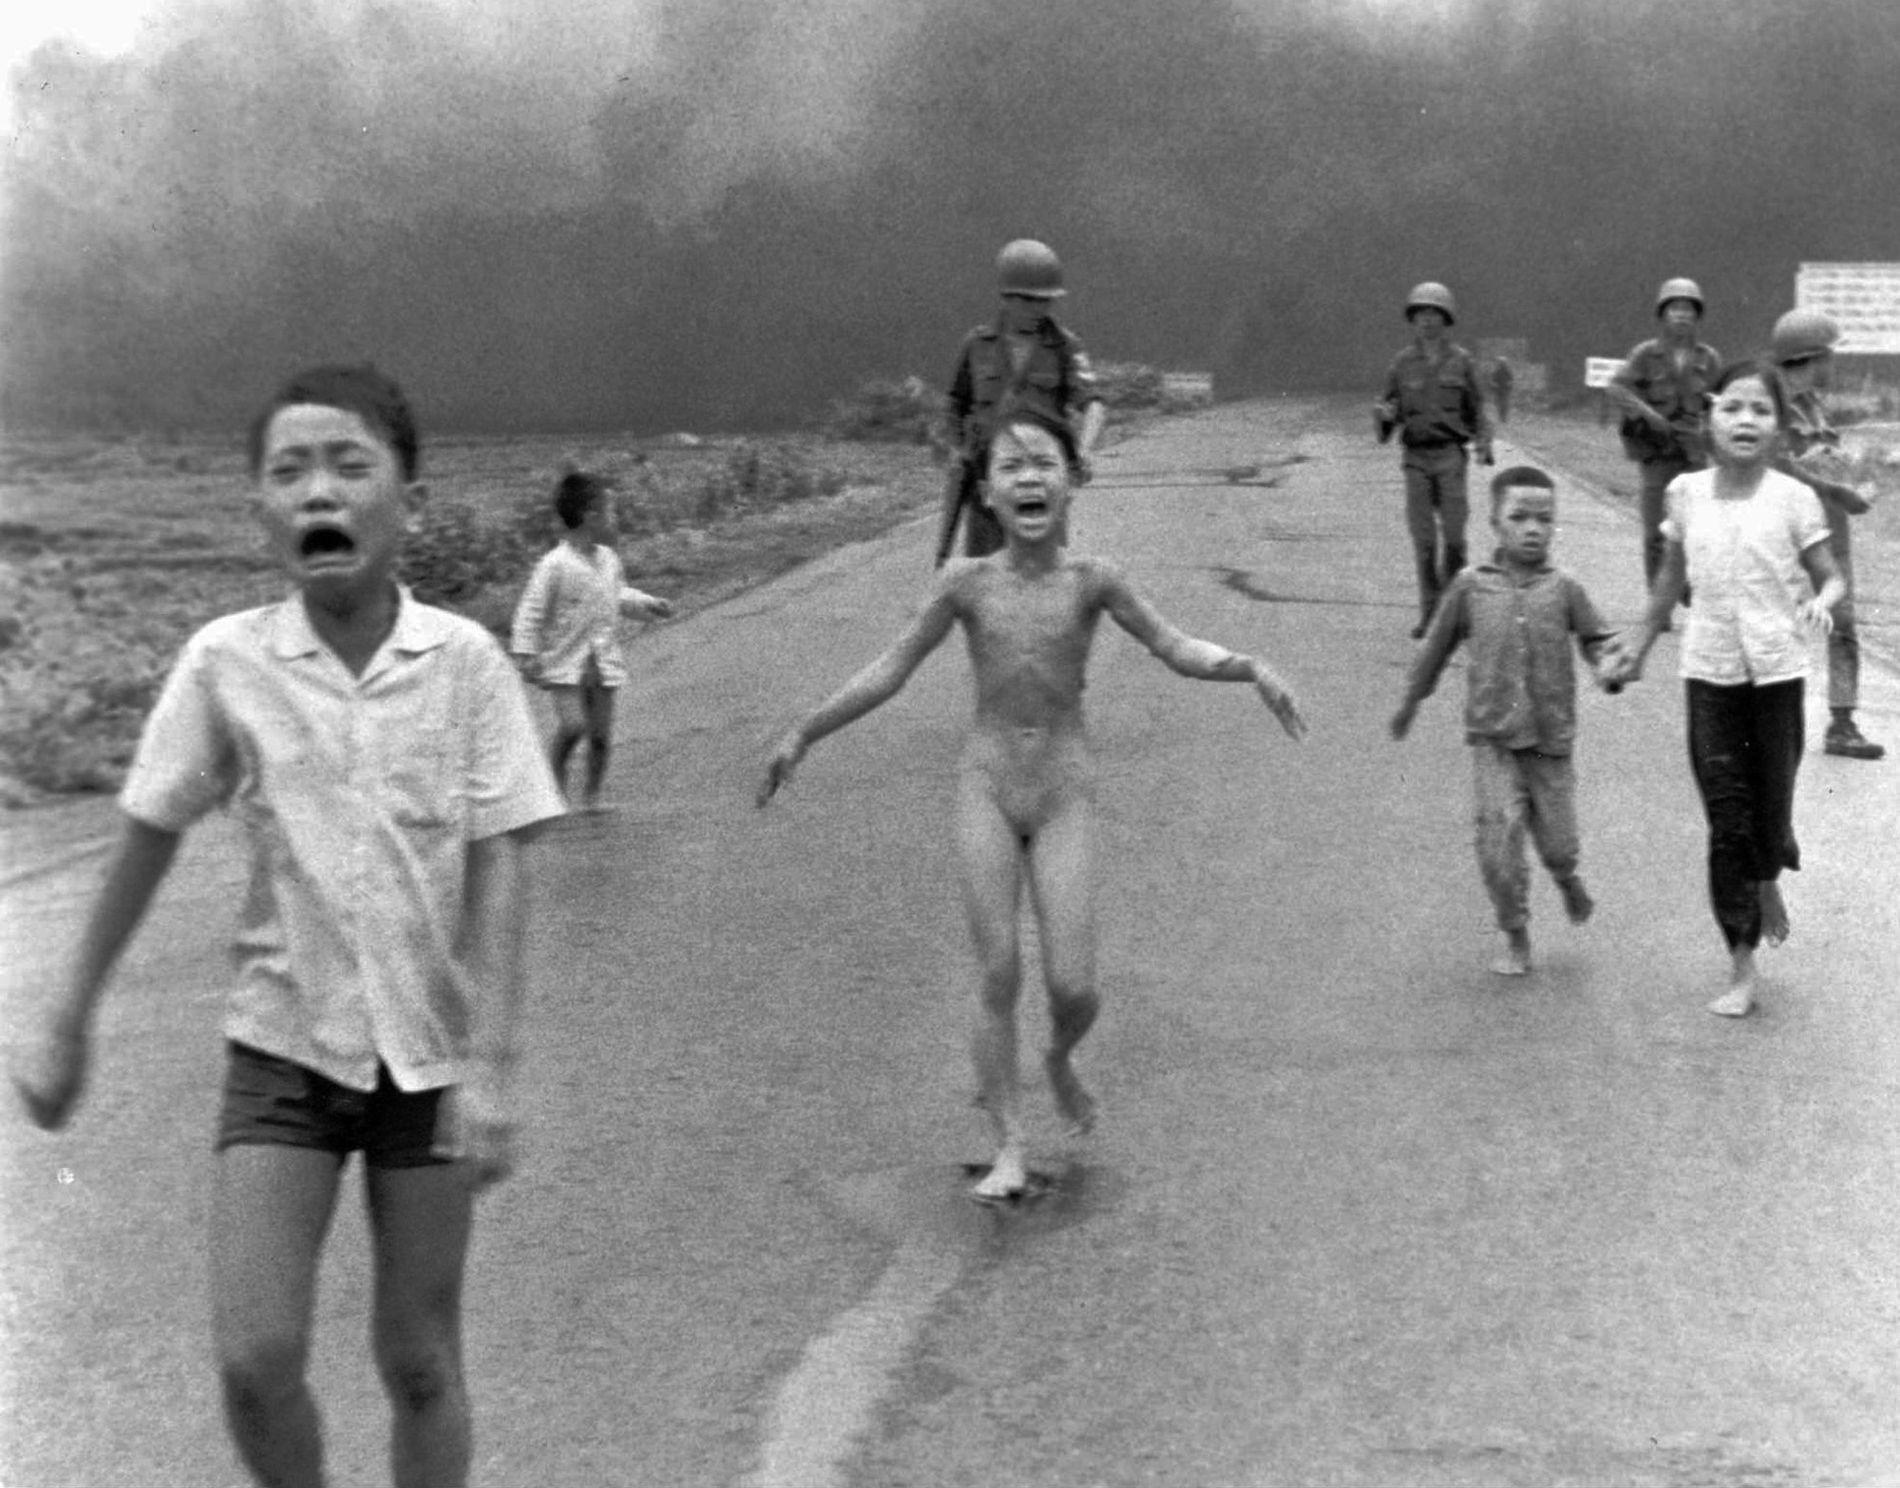 VERDENSKJENT BILDE: Phan Thi Kim Phuc er den nakne, lille jenta fra Vietnamkrigen.